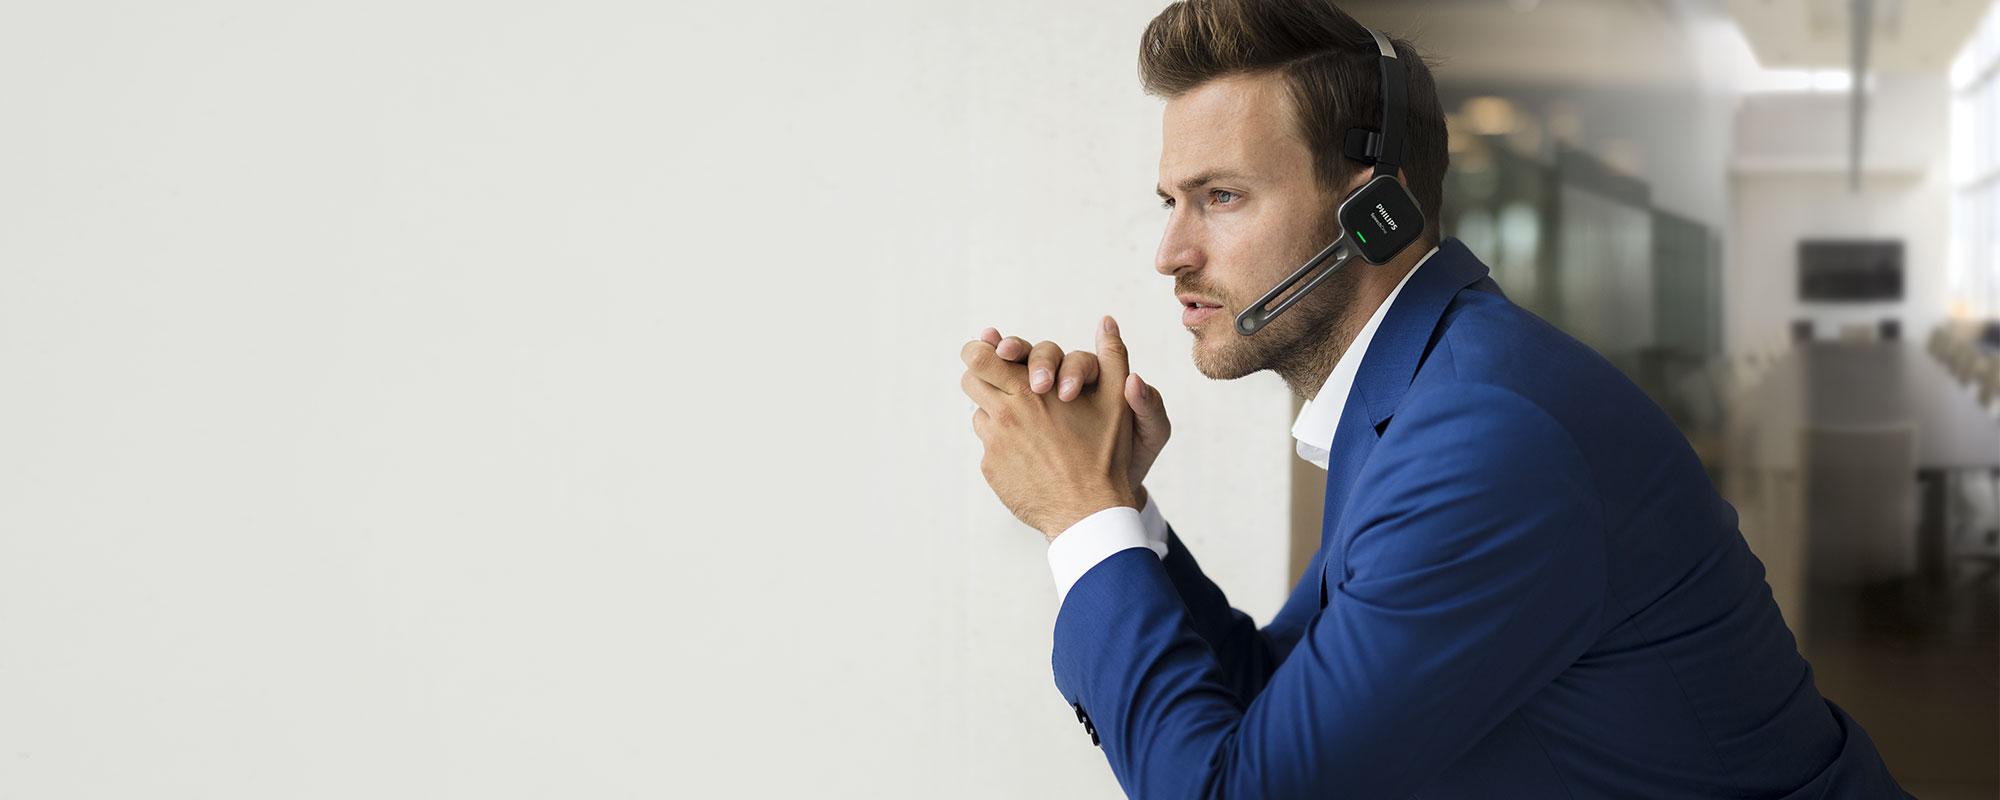 El micrófono profesional garantiza resultados y transcripciones de reconocimiento de voz precisos, incluso en entornos ruidosos.